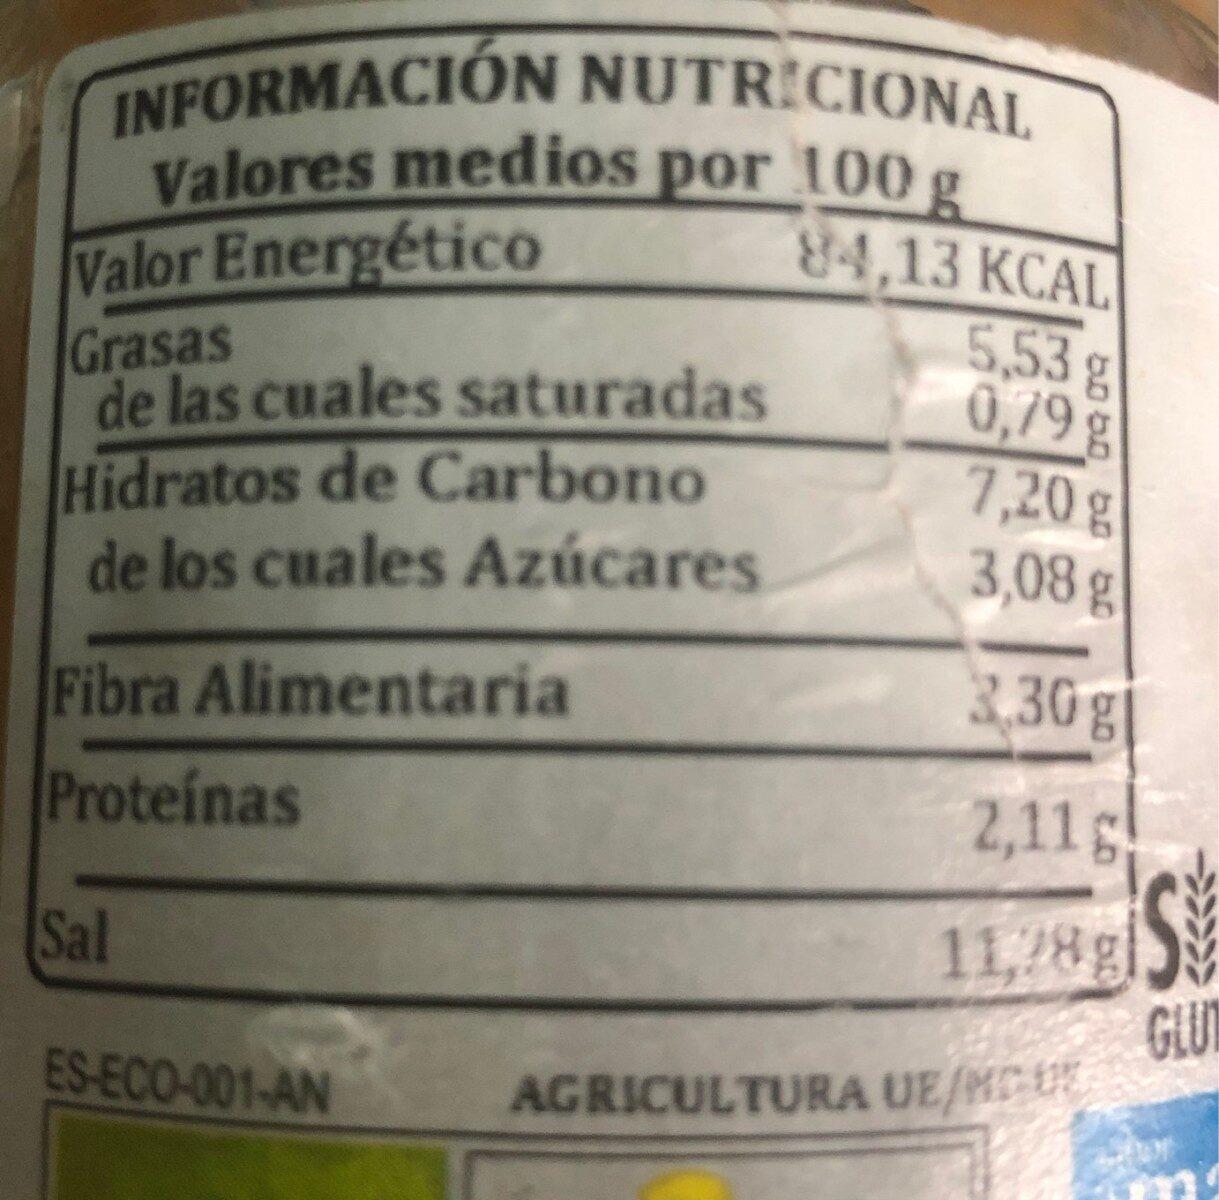 Mermelada de manzana con hierbabuena - Información nutricional - es